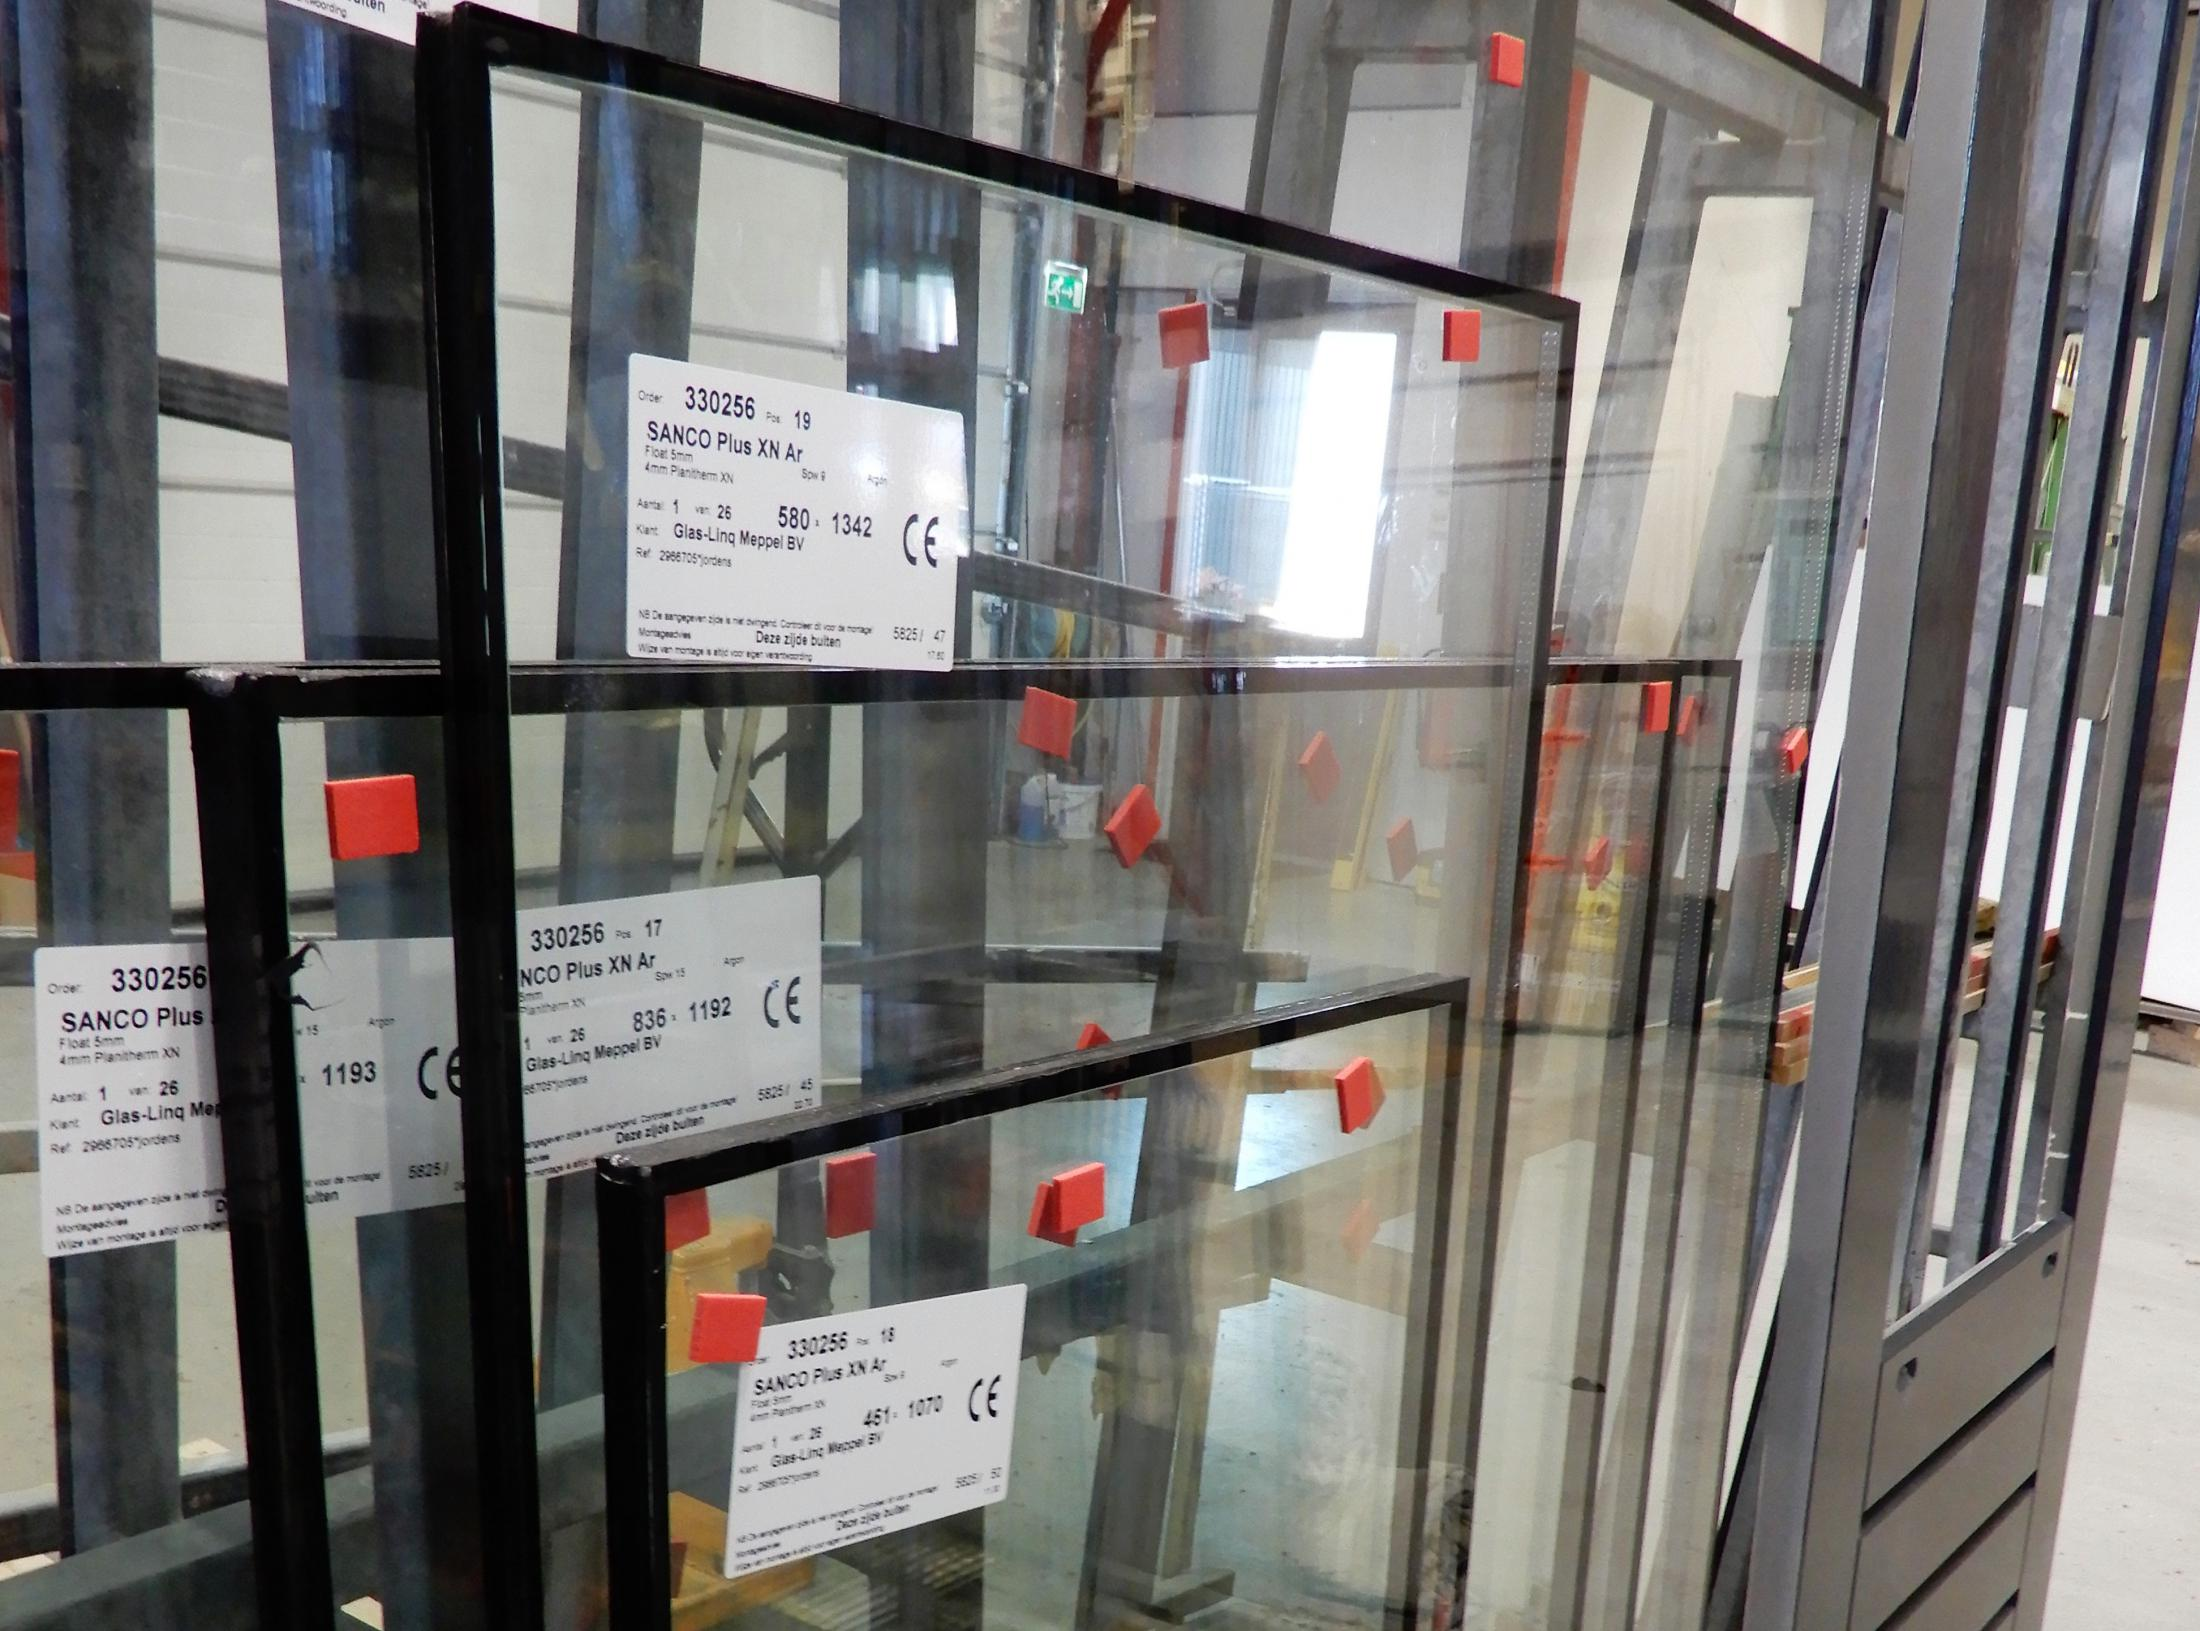 foto nr 4 - bestelling ruiten in werkplaats